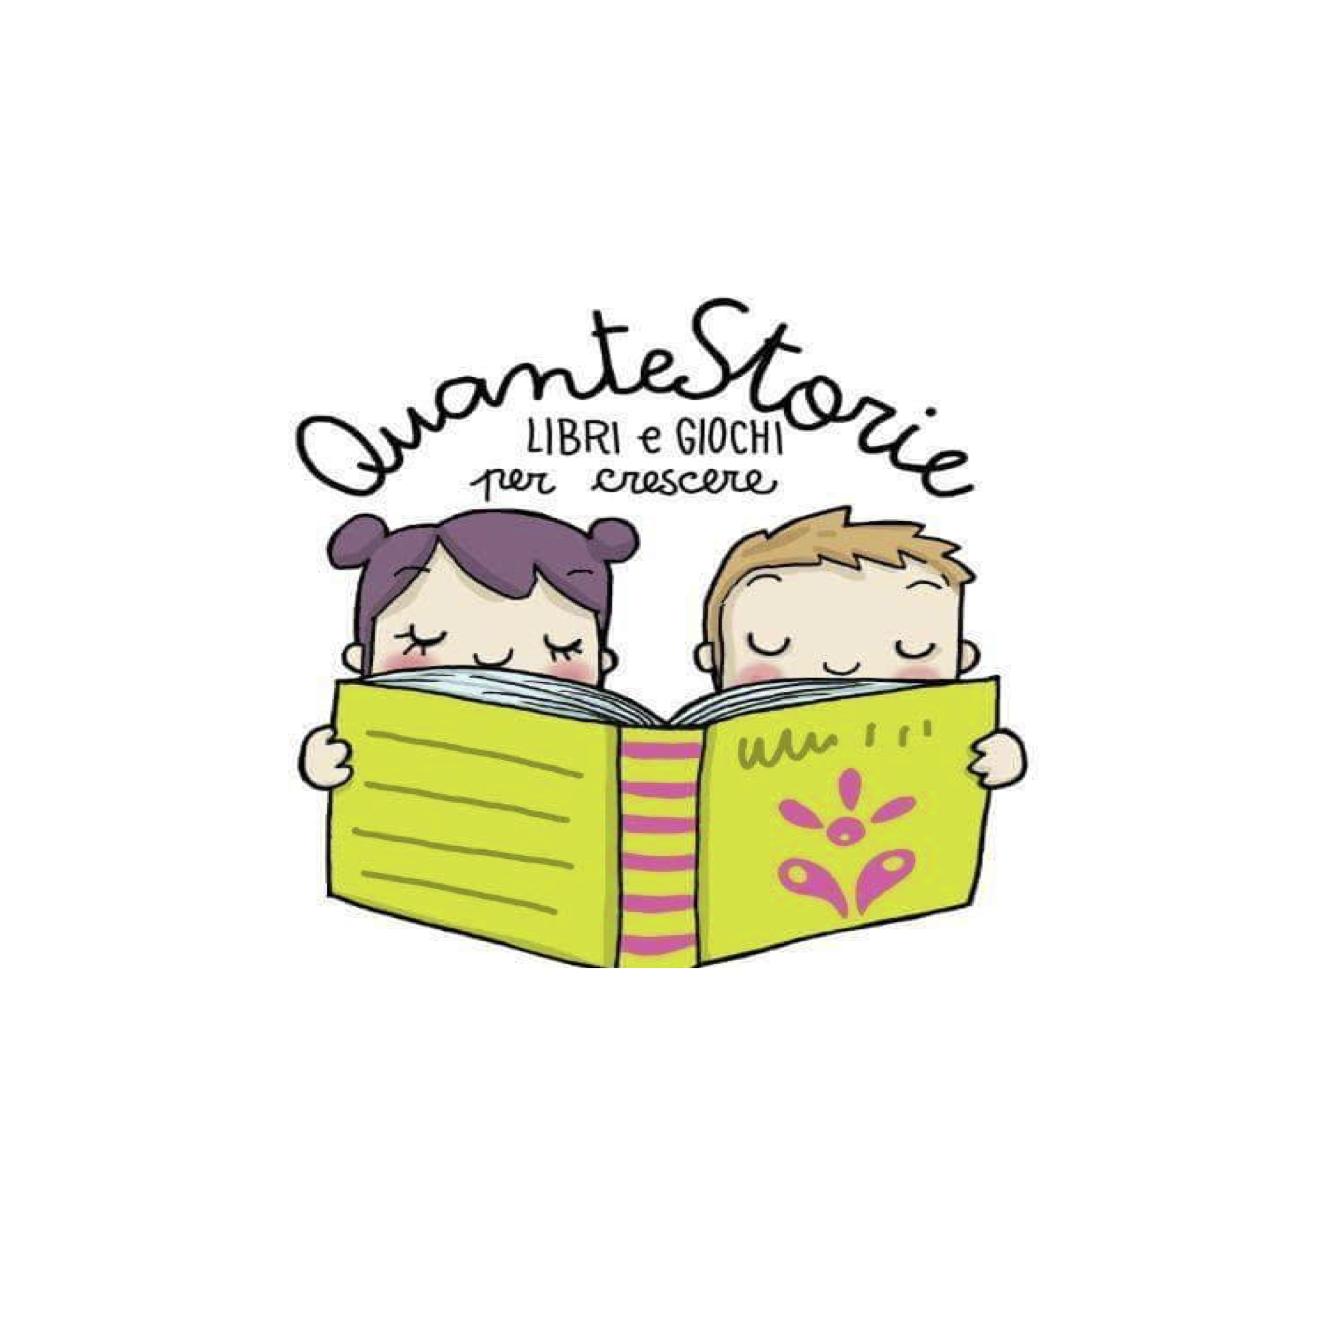 Libreria Quante storie